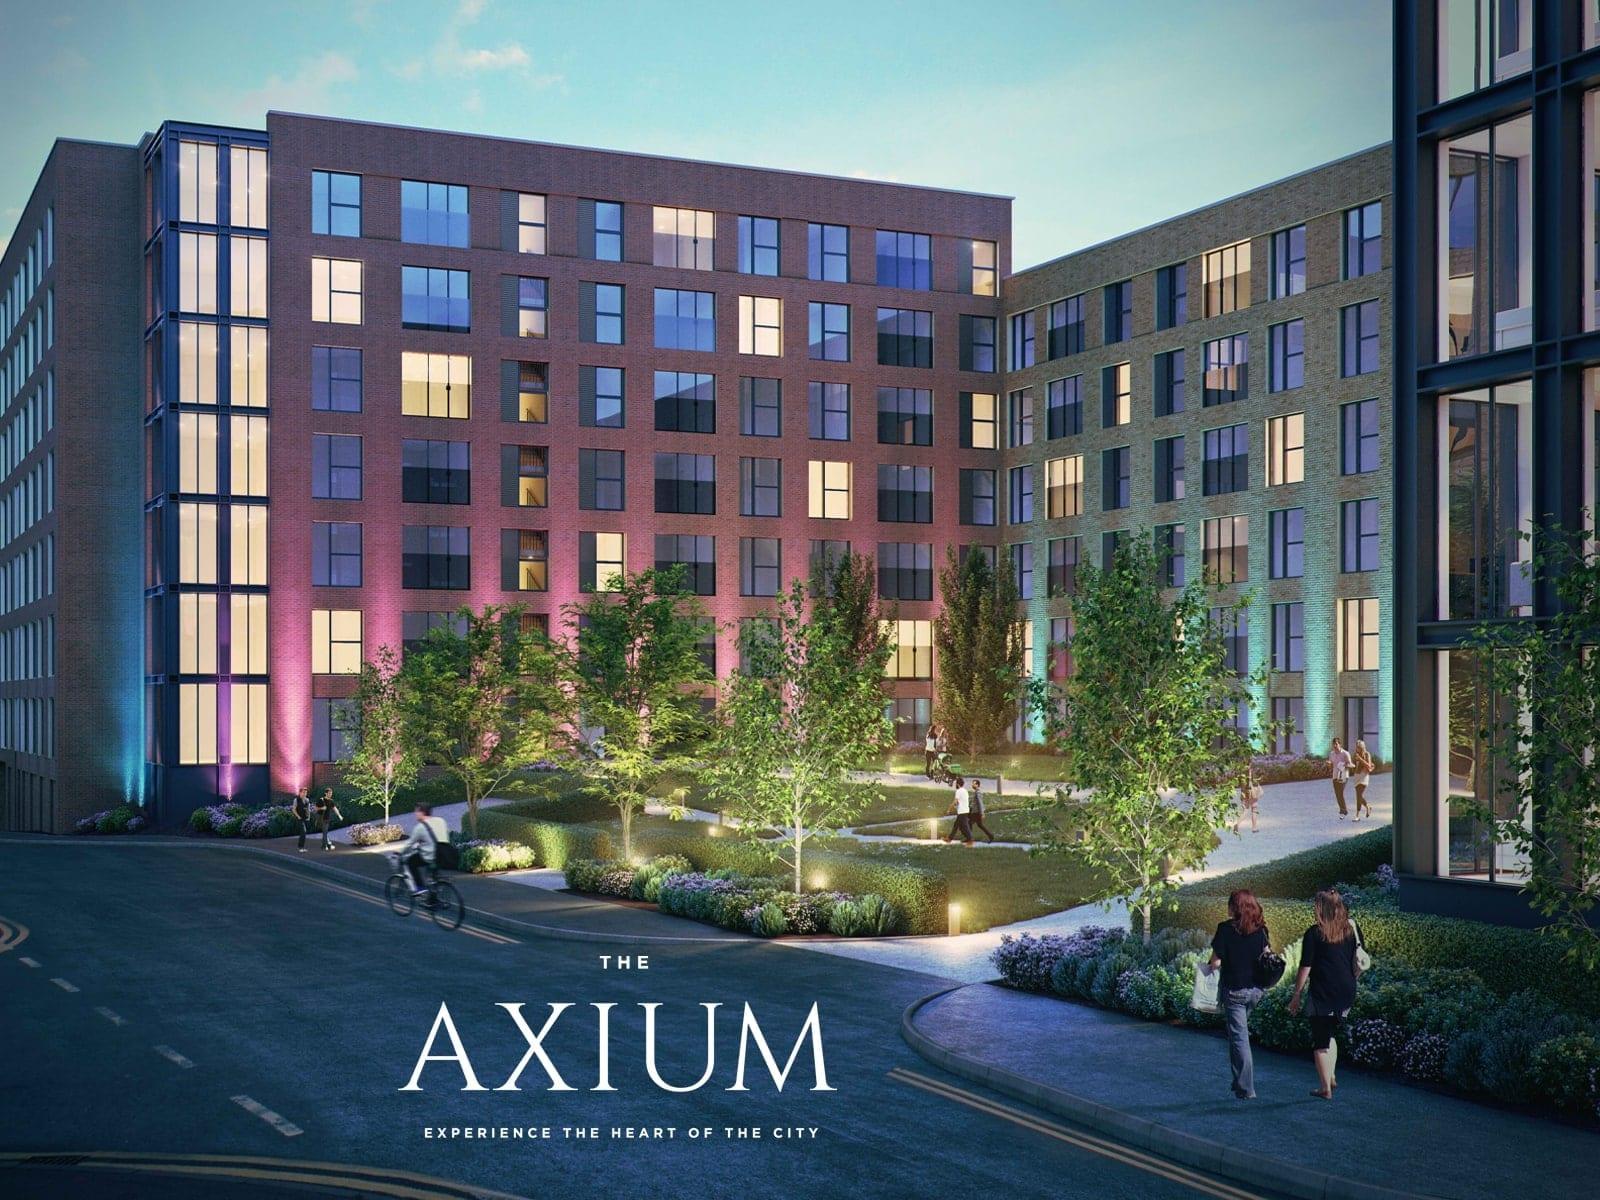 The Axium